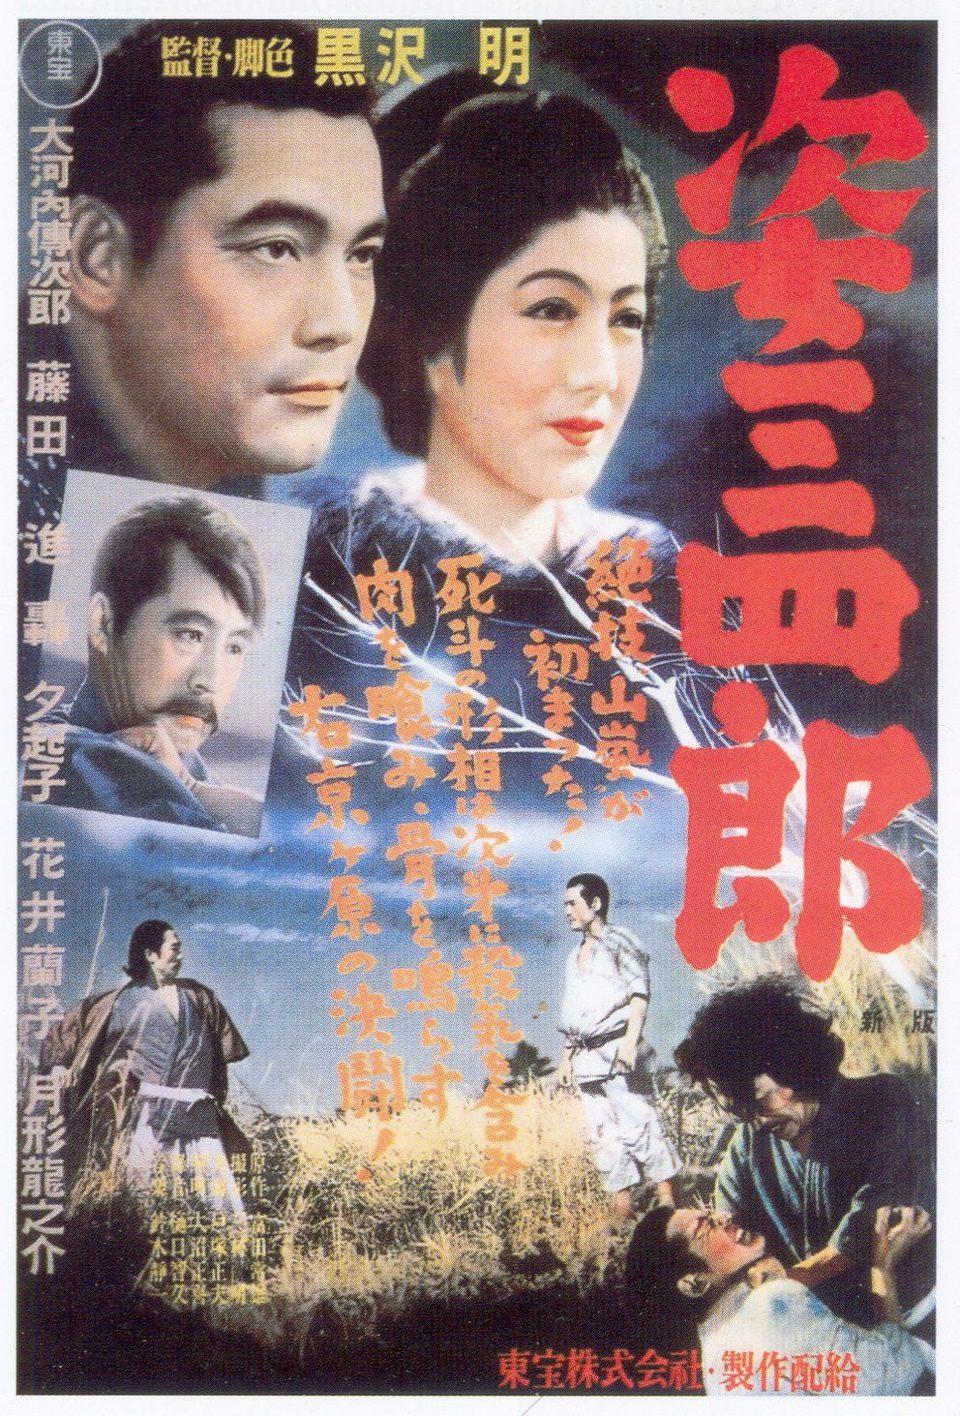 Cartel Japon de 'La leyenda del gran judo'